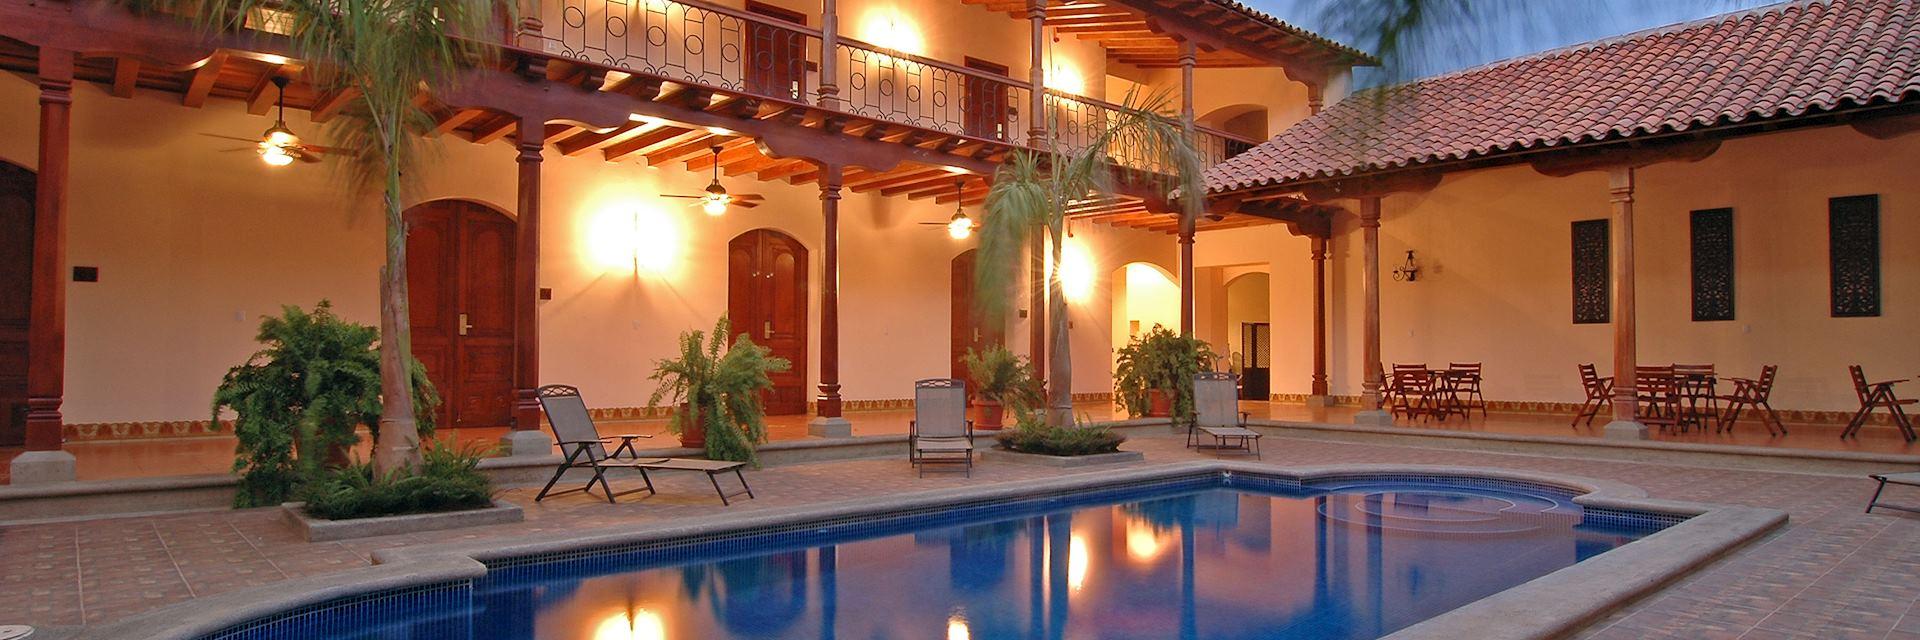 Hotel Plaza Colon, Granada